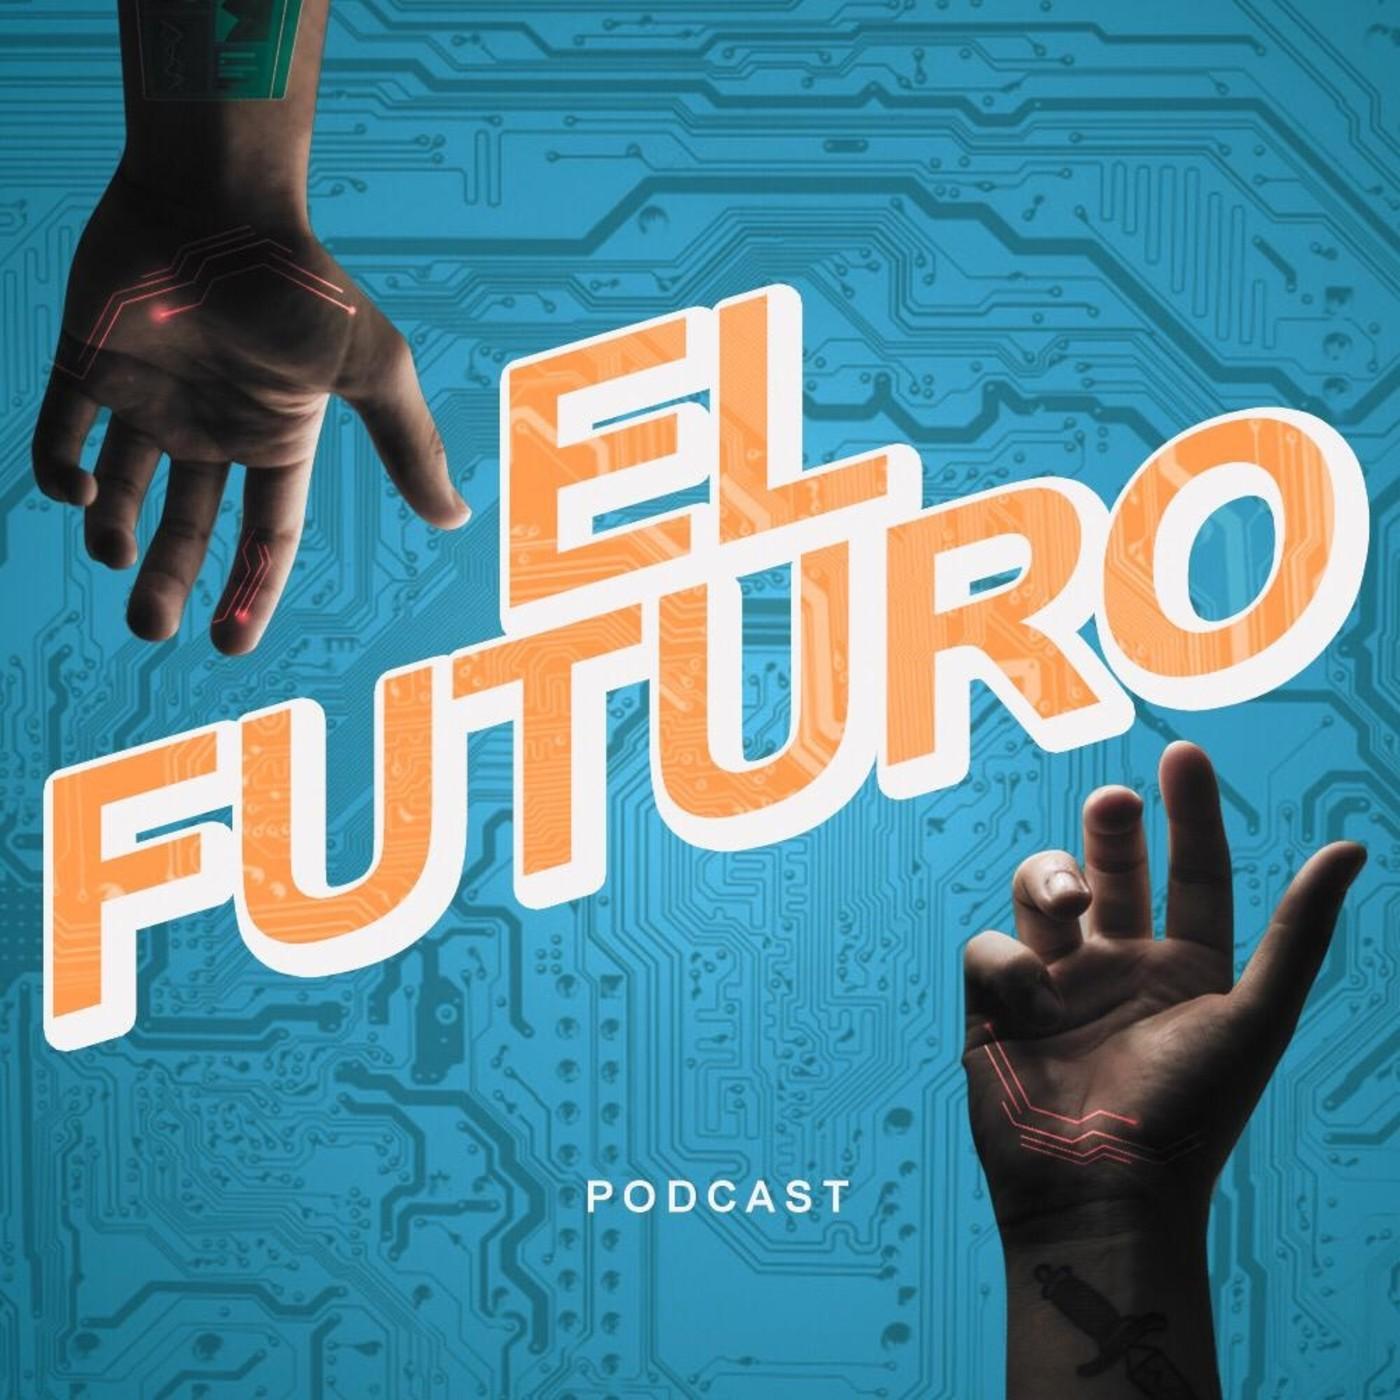 El Futuro 98 - ¿El futuro son los niños?